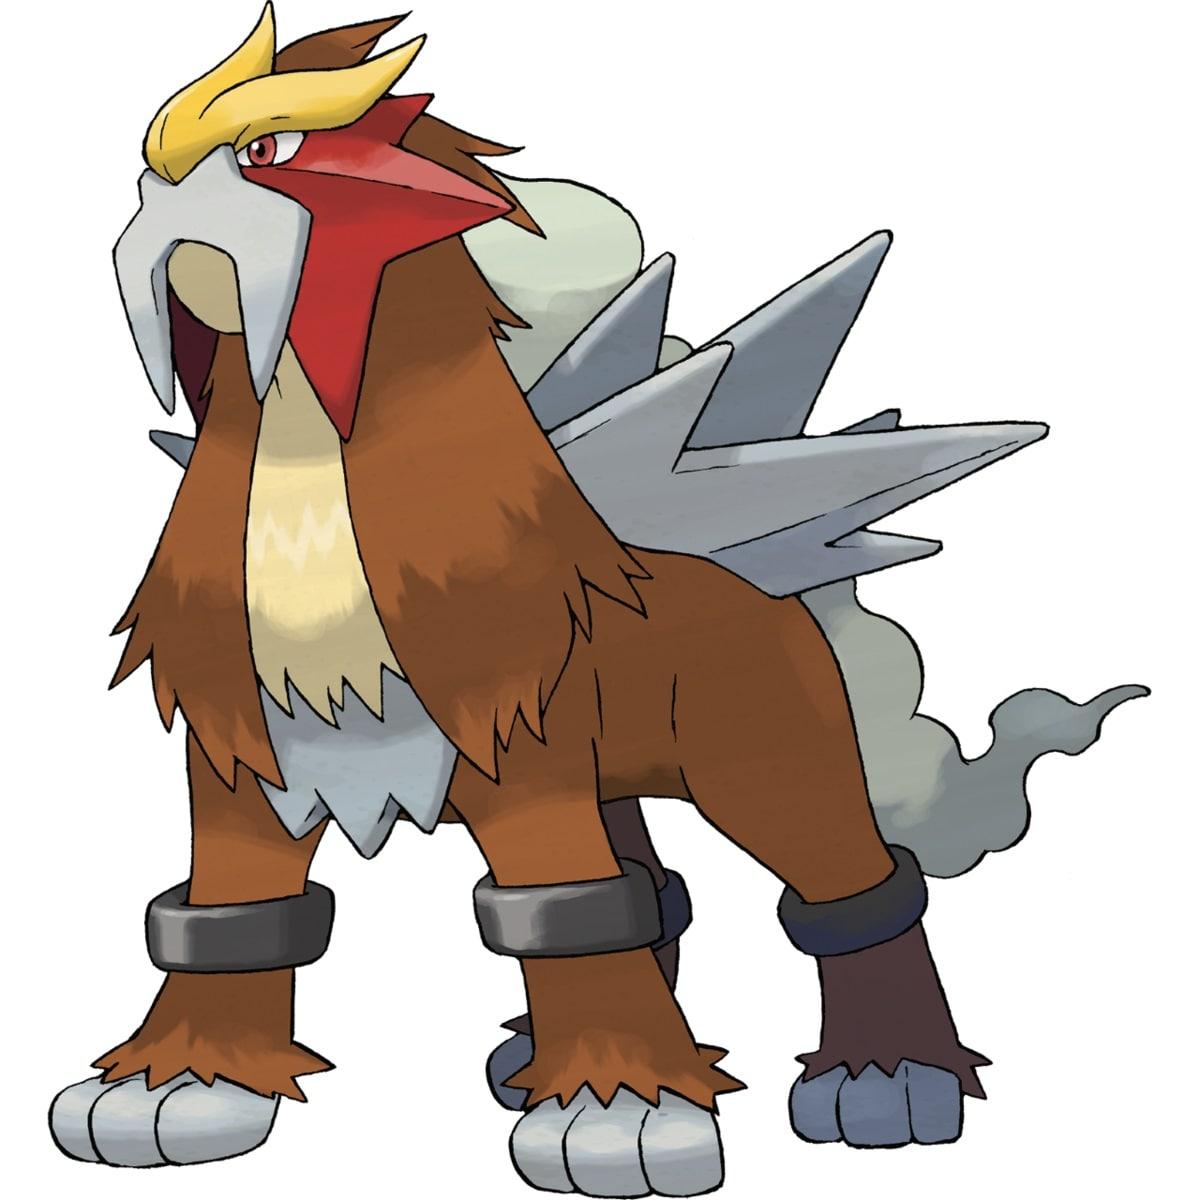 The Legendary Shadow Pokemon Entei from Giovanni Pokemon Go team